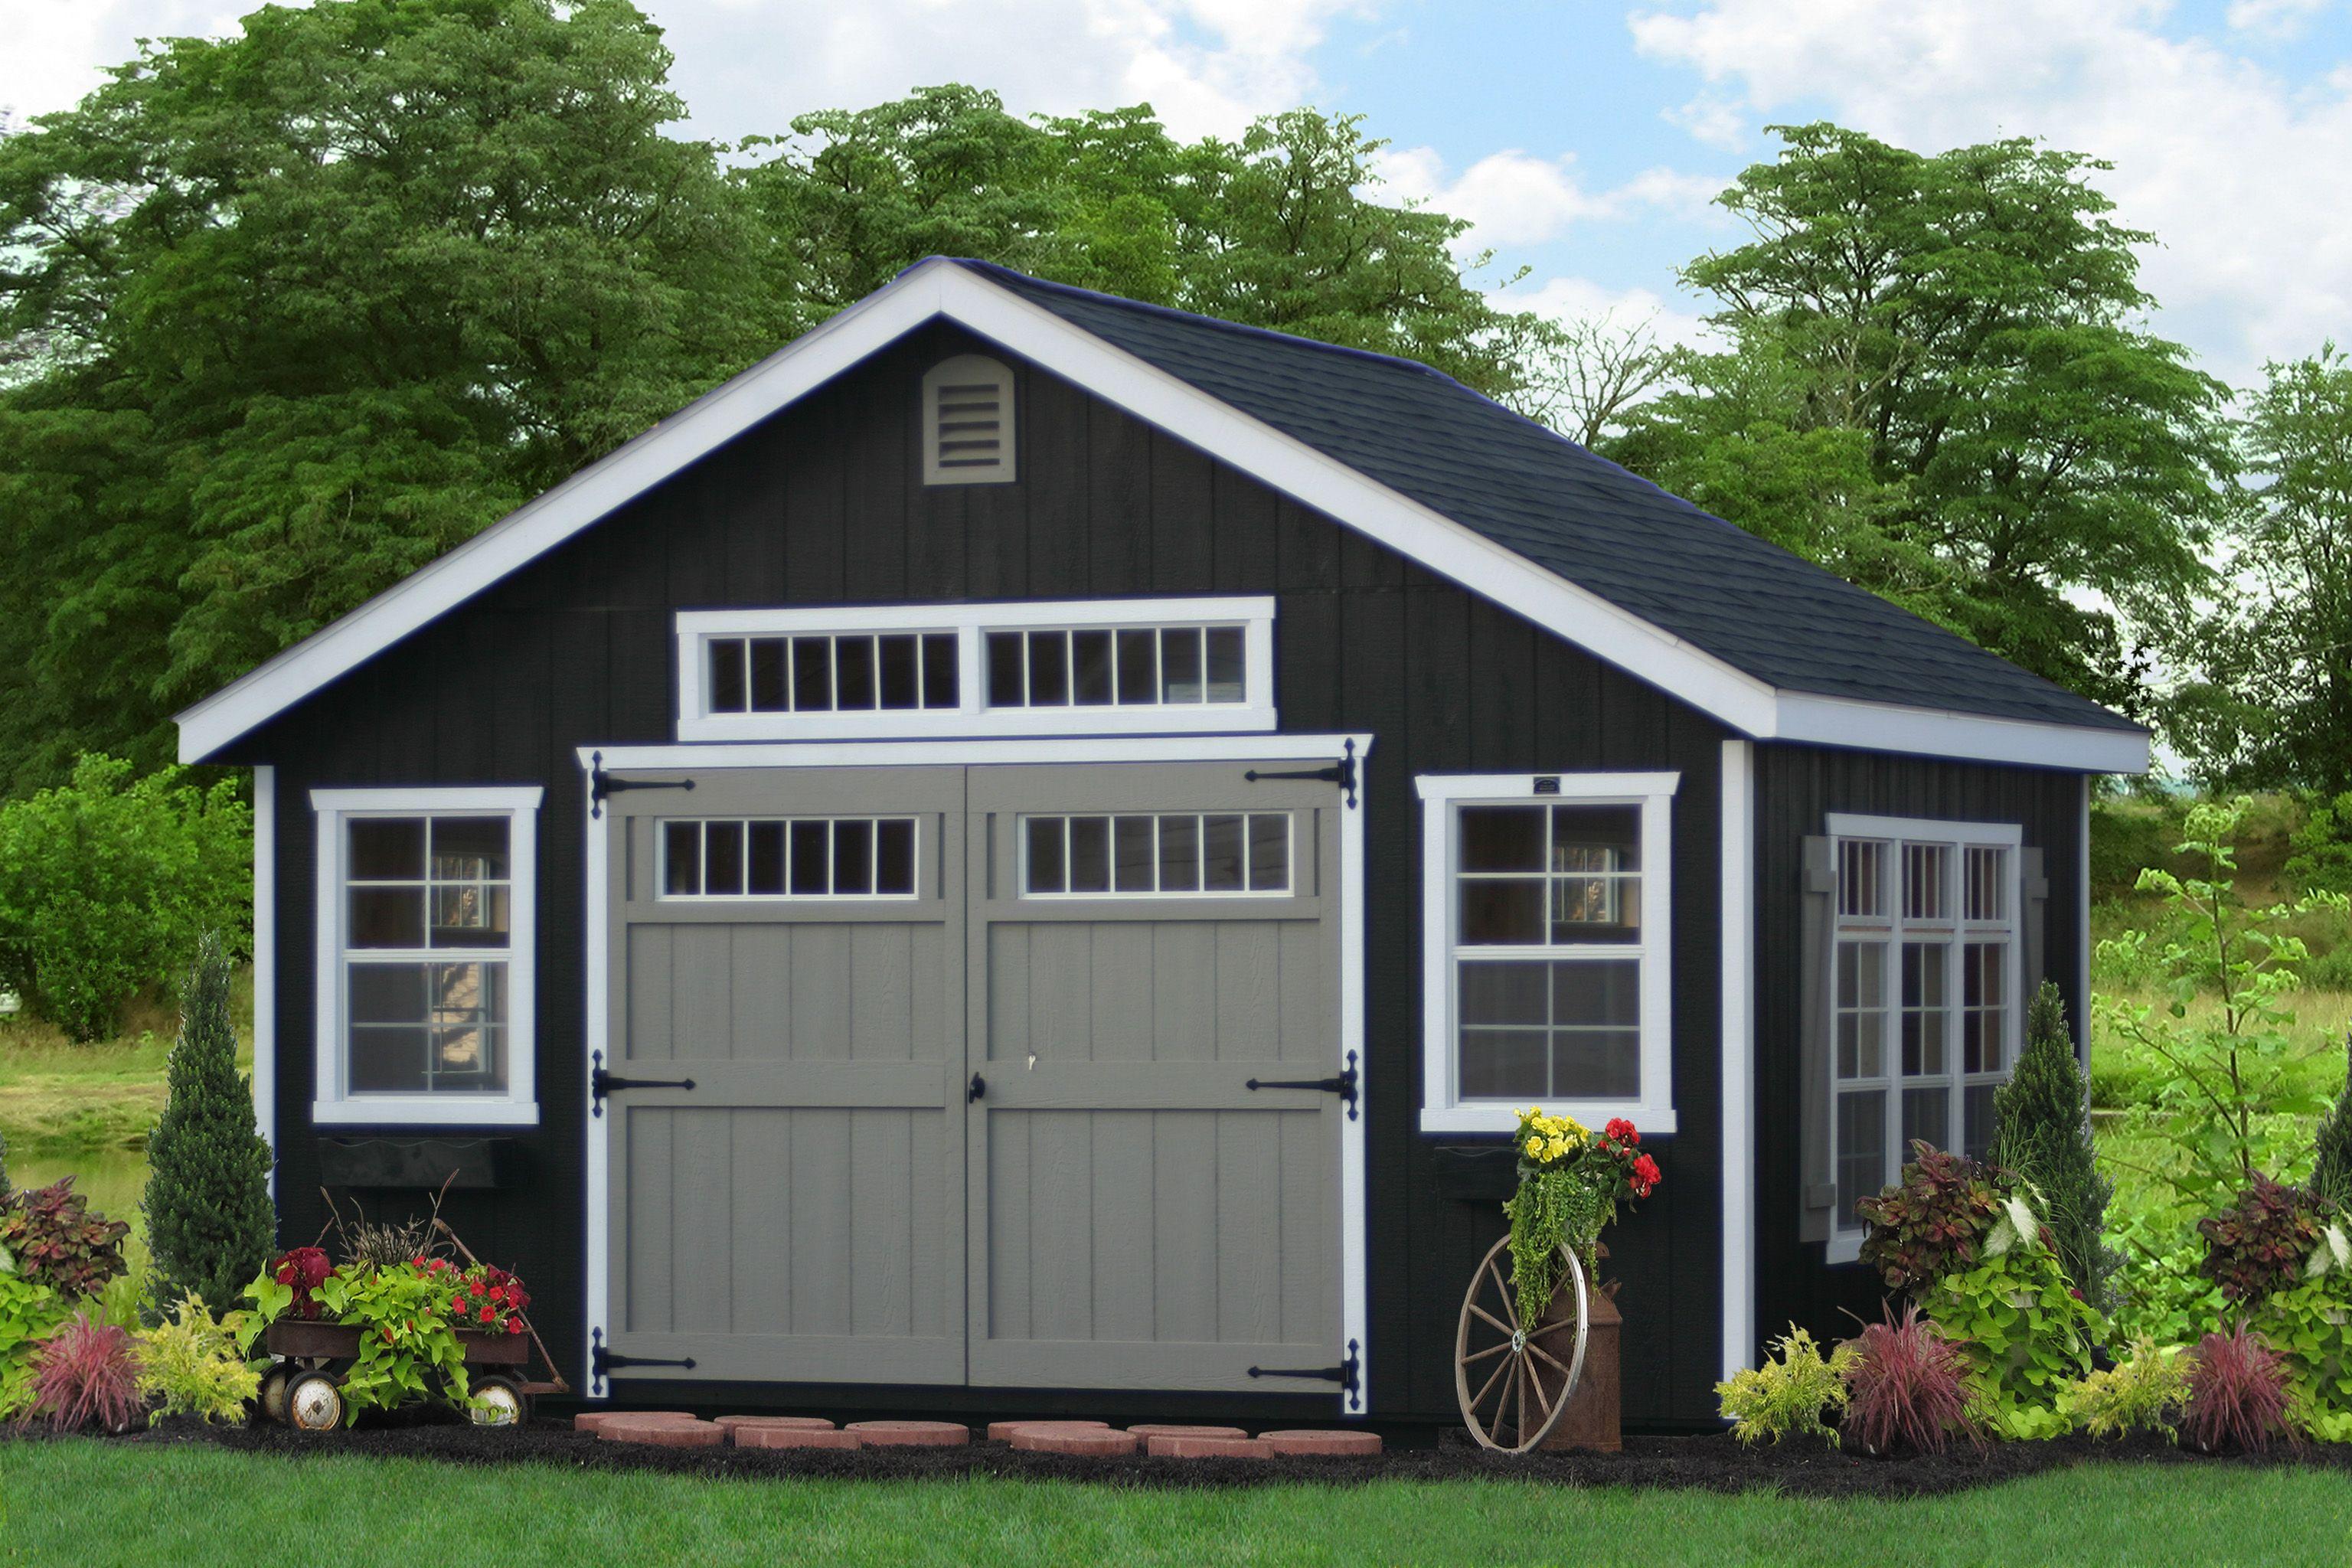 Classic Wooden Sheds Backyard Sheds Wooden Storage Sheds Workshop Shed